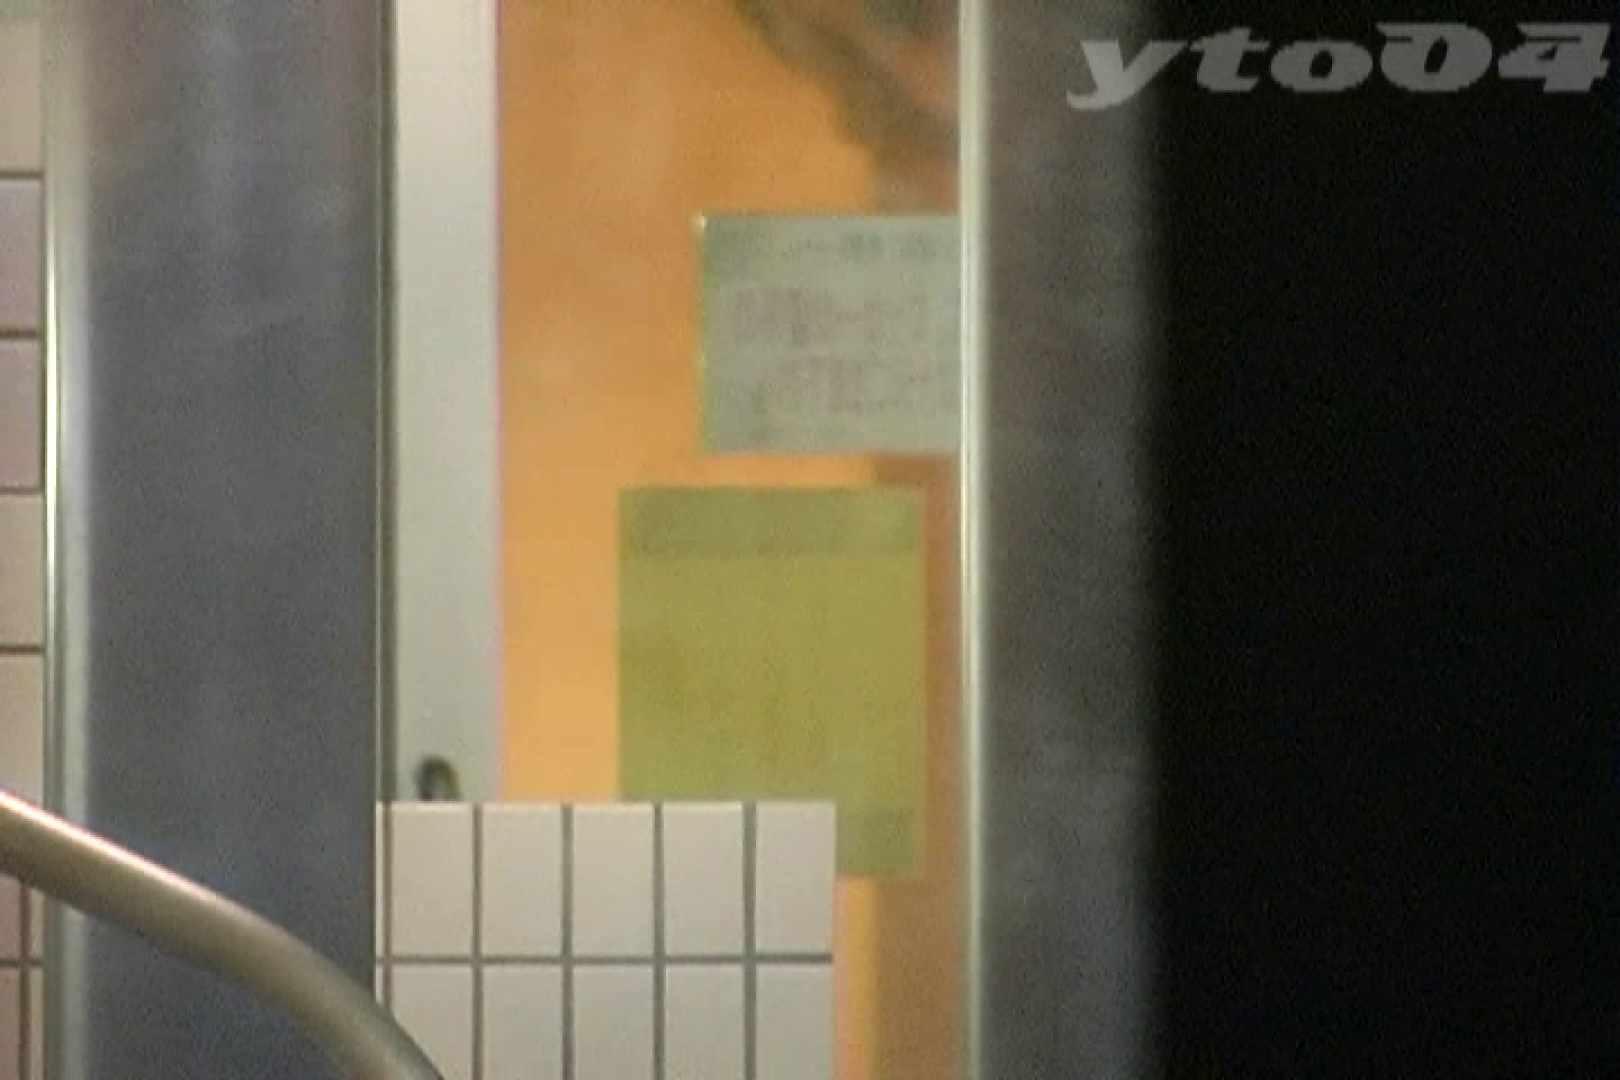 ▲復活限定▲合宿ホテル女風呂盗撮 Vol.24 合宿 AV動画キャプチャ 92枚 64